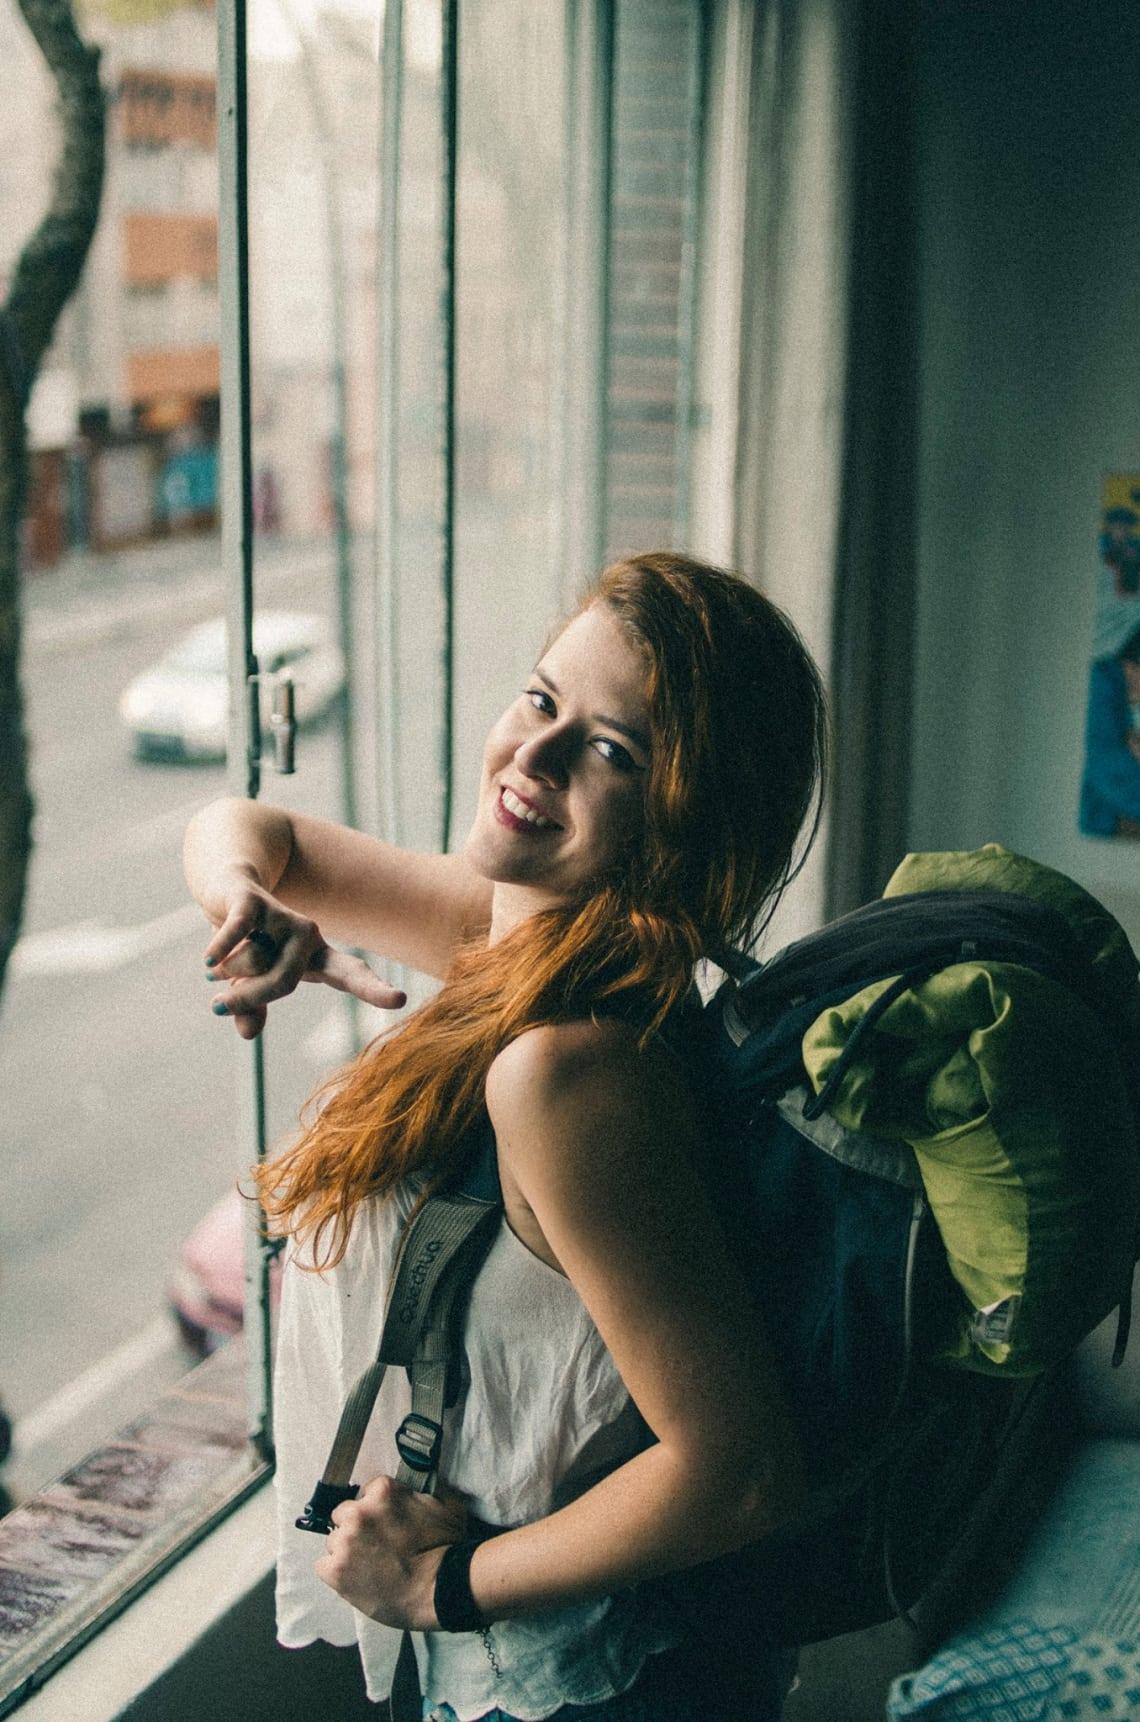 Juliana Arthuso do blog Virando Gringo em viagem de intercâmbio pela Europa